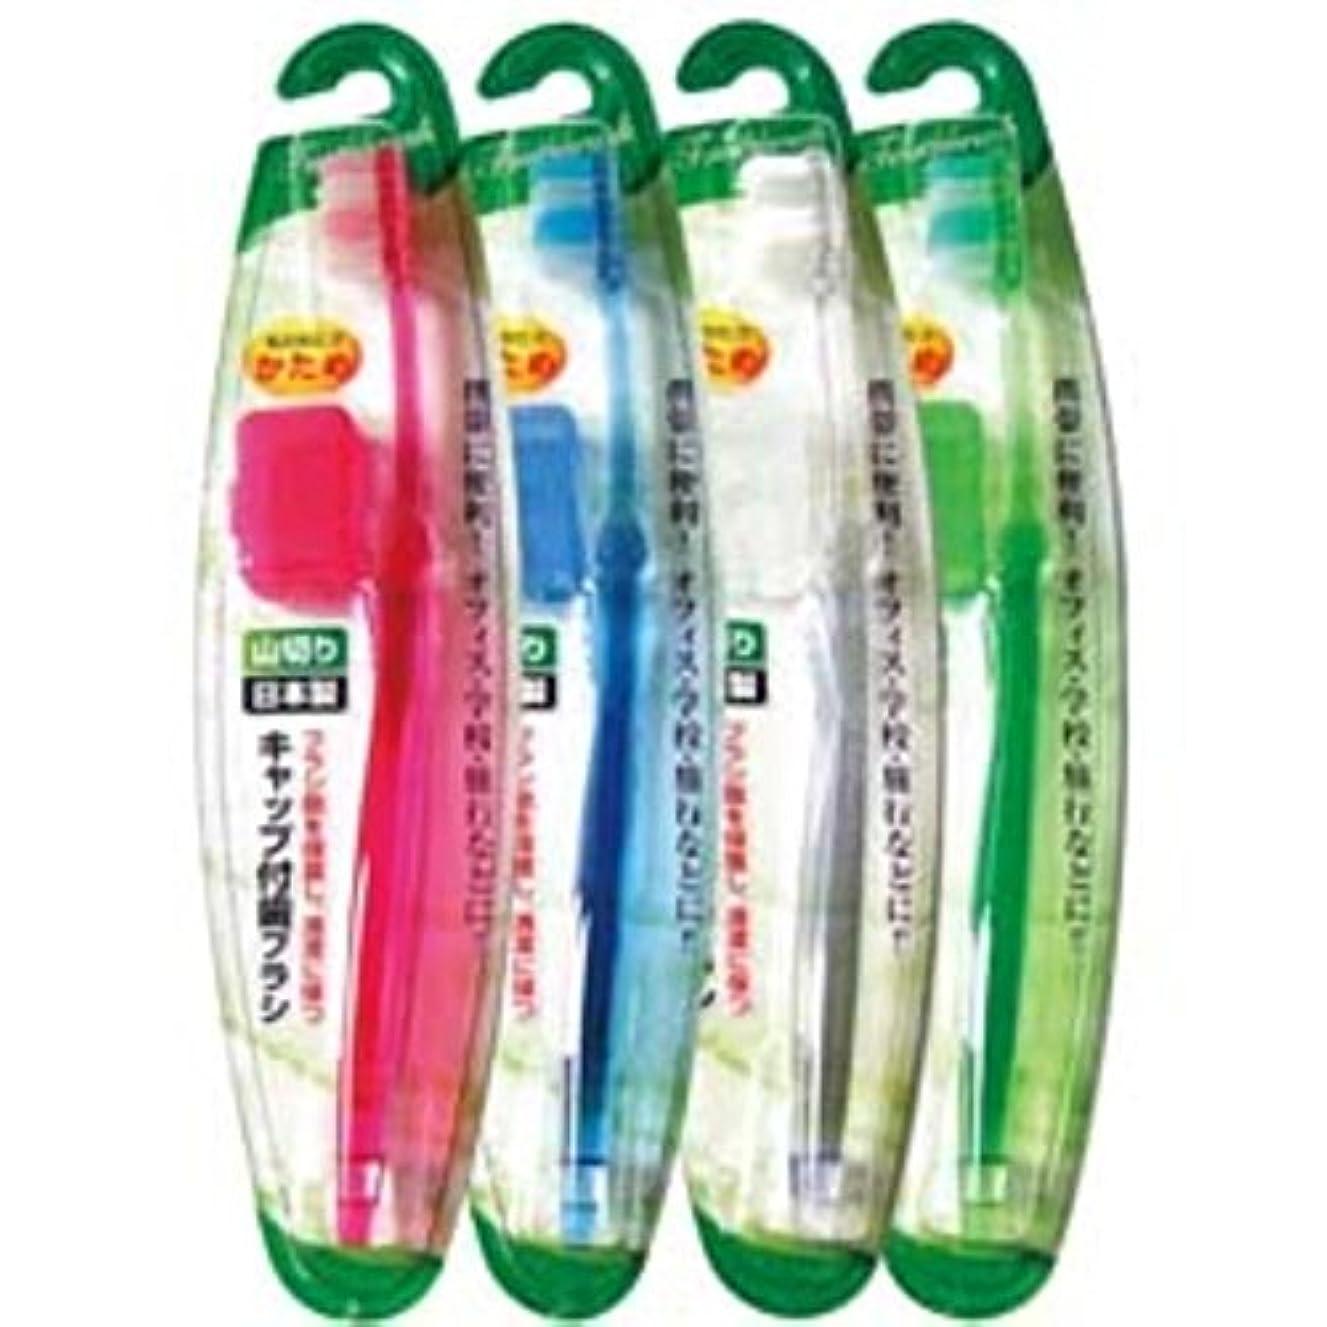 空のコンペ使用法キャップ付歯ブラシ山切りカット(かため)日本製 japan 【まとめ買い12個セット】 41-210